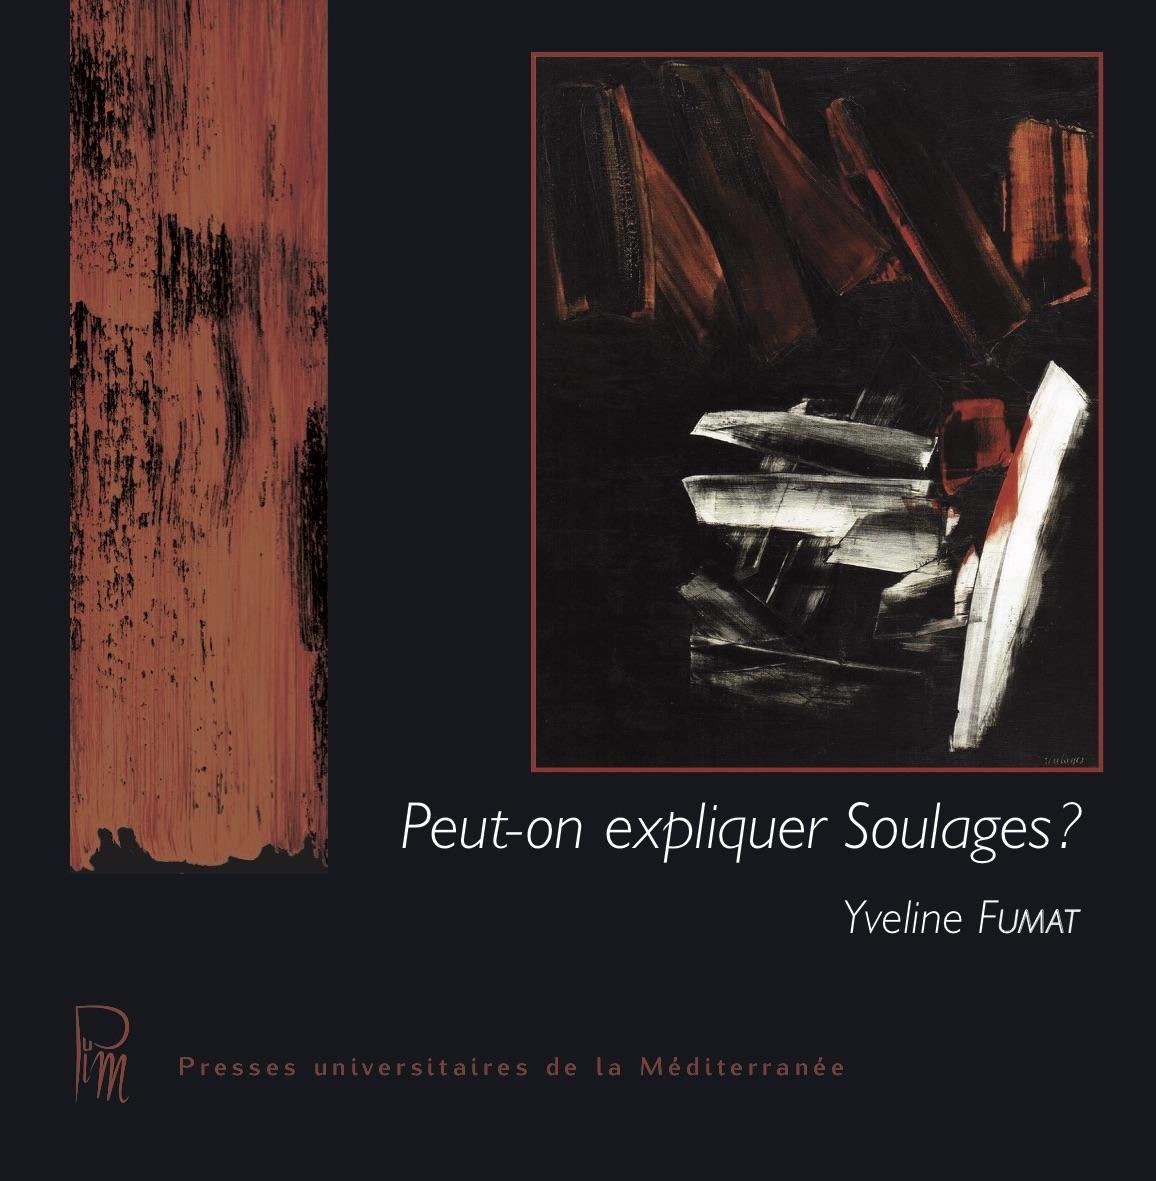 Couve Peut-on expliquer Soulages?